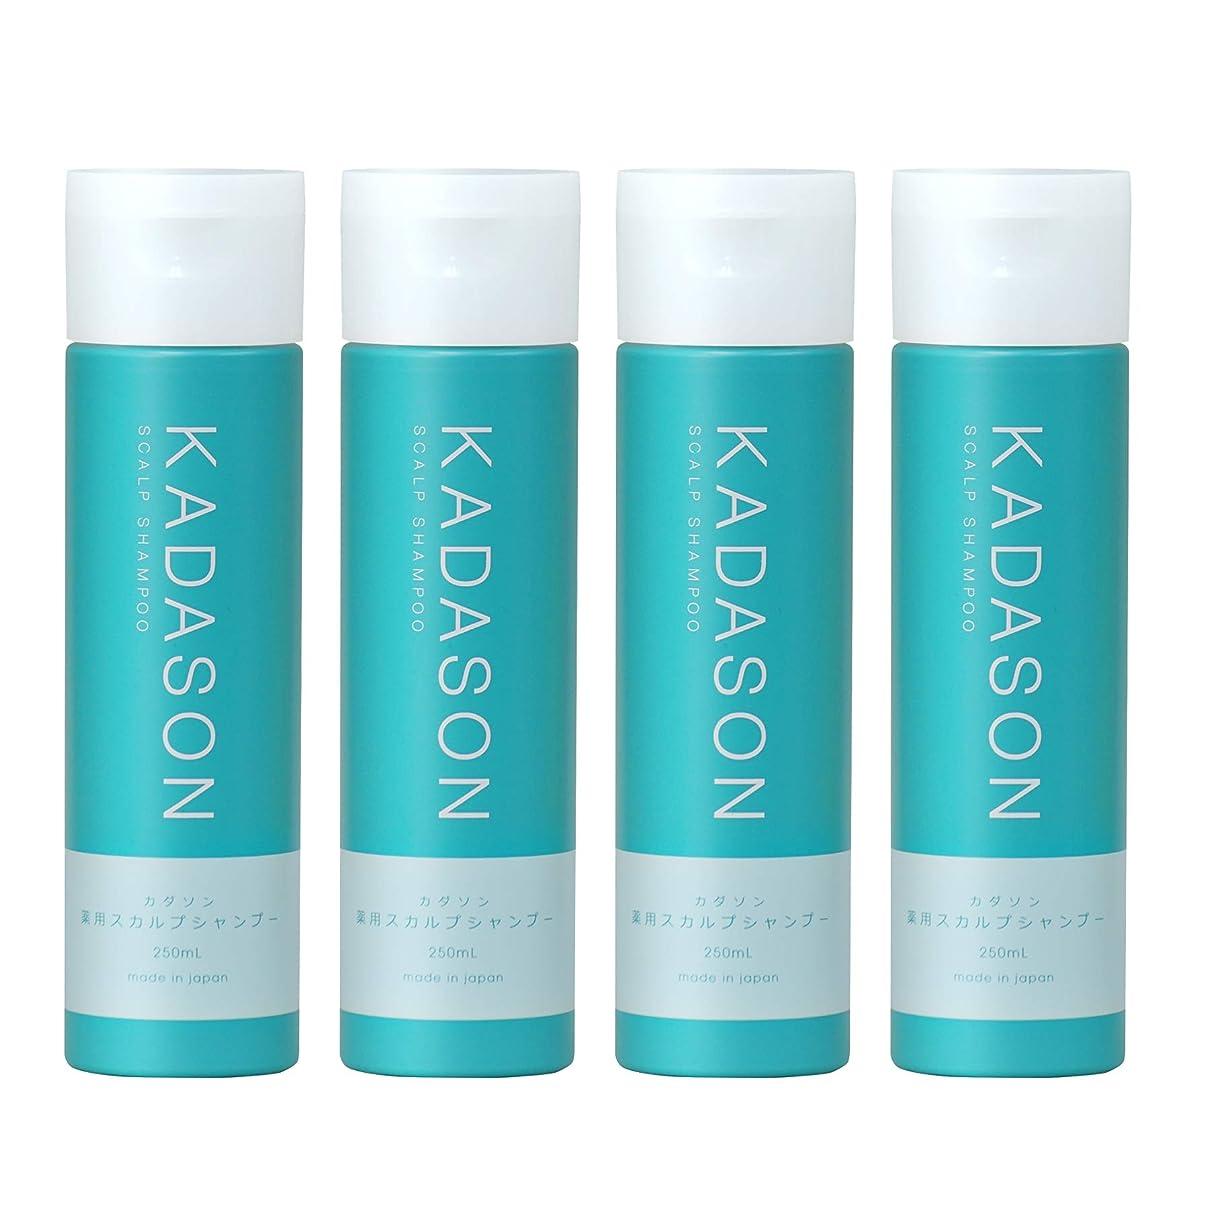 グリーンバック滅多スイング[ 医薬部外品 ] KADASON (カダソン) スカルプシャンプー 4本セット (250ml×4 / 脂性肌) 薬用シャンプー 天然由来成分 (日本製)